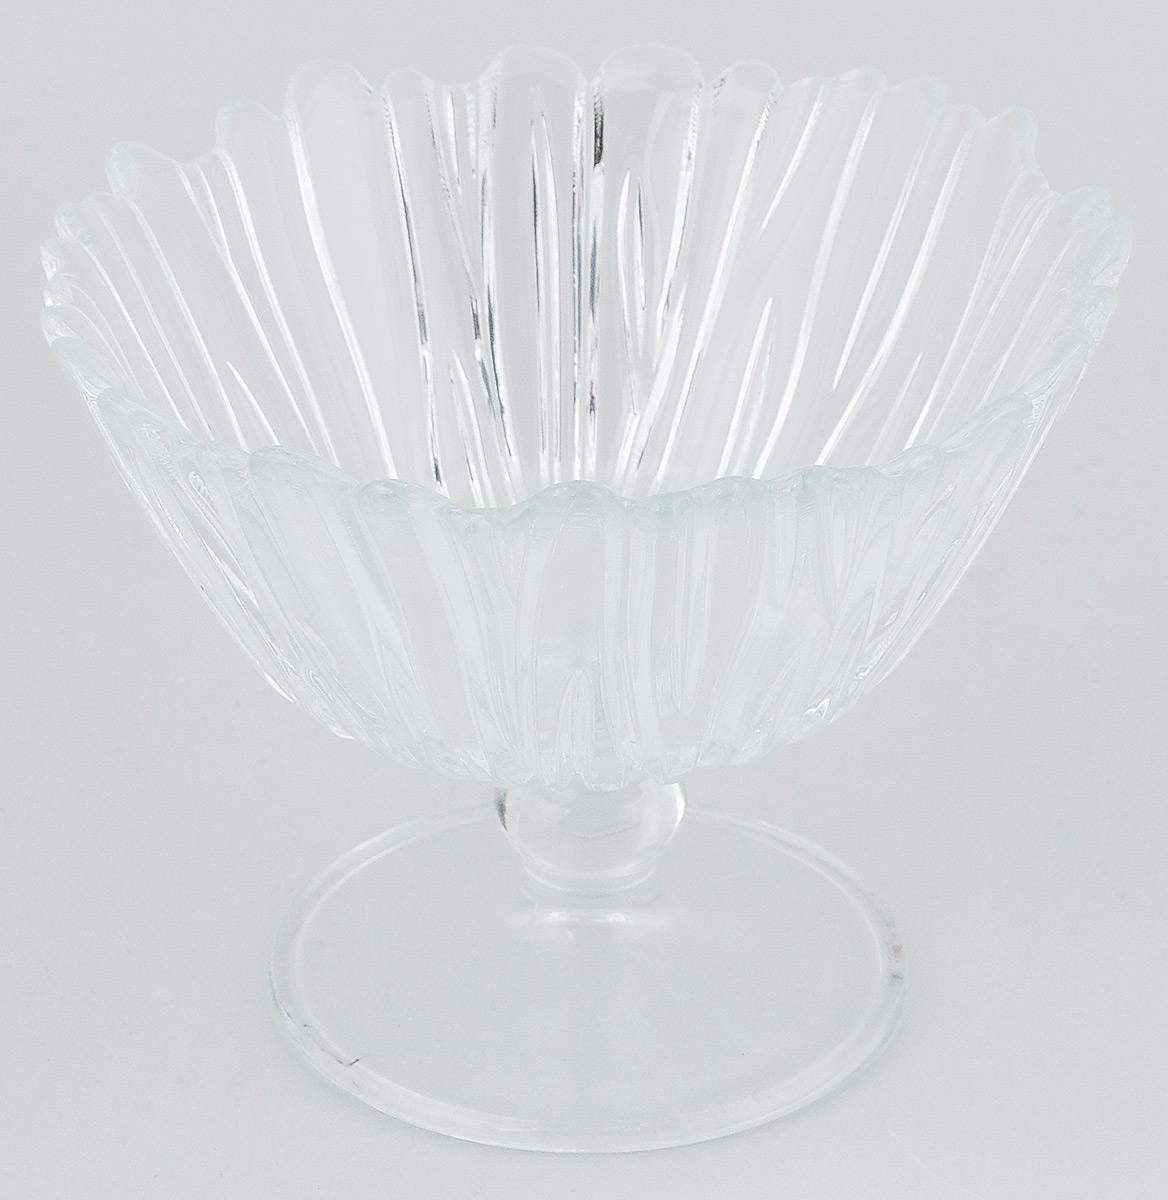 Ваза для конфет Pasabahce Aurora, высота 10,7 см95833BВаза для конфет Pasabahce Aurora изготовлена из прочного натрий-кальций-силикатного стекла. С внешней стороны изделие декорировано изысканным рельефом. Можно мыть в посудомоечной машине и использовать в микроволновой печи. Диаметр вазы (по верхнему краю): 14 см. Высота вазы: 10,7 см.